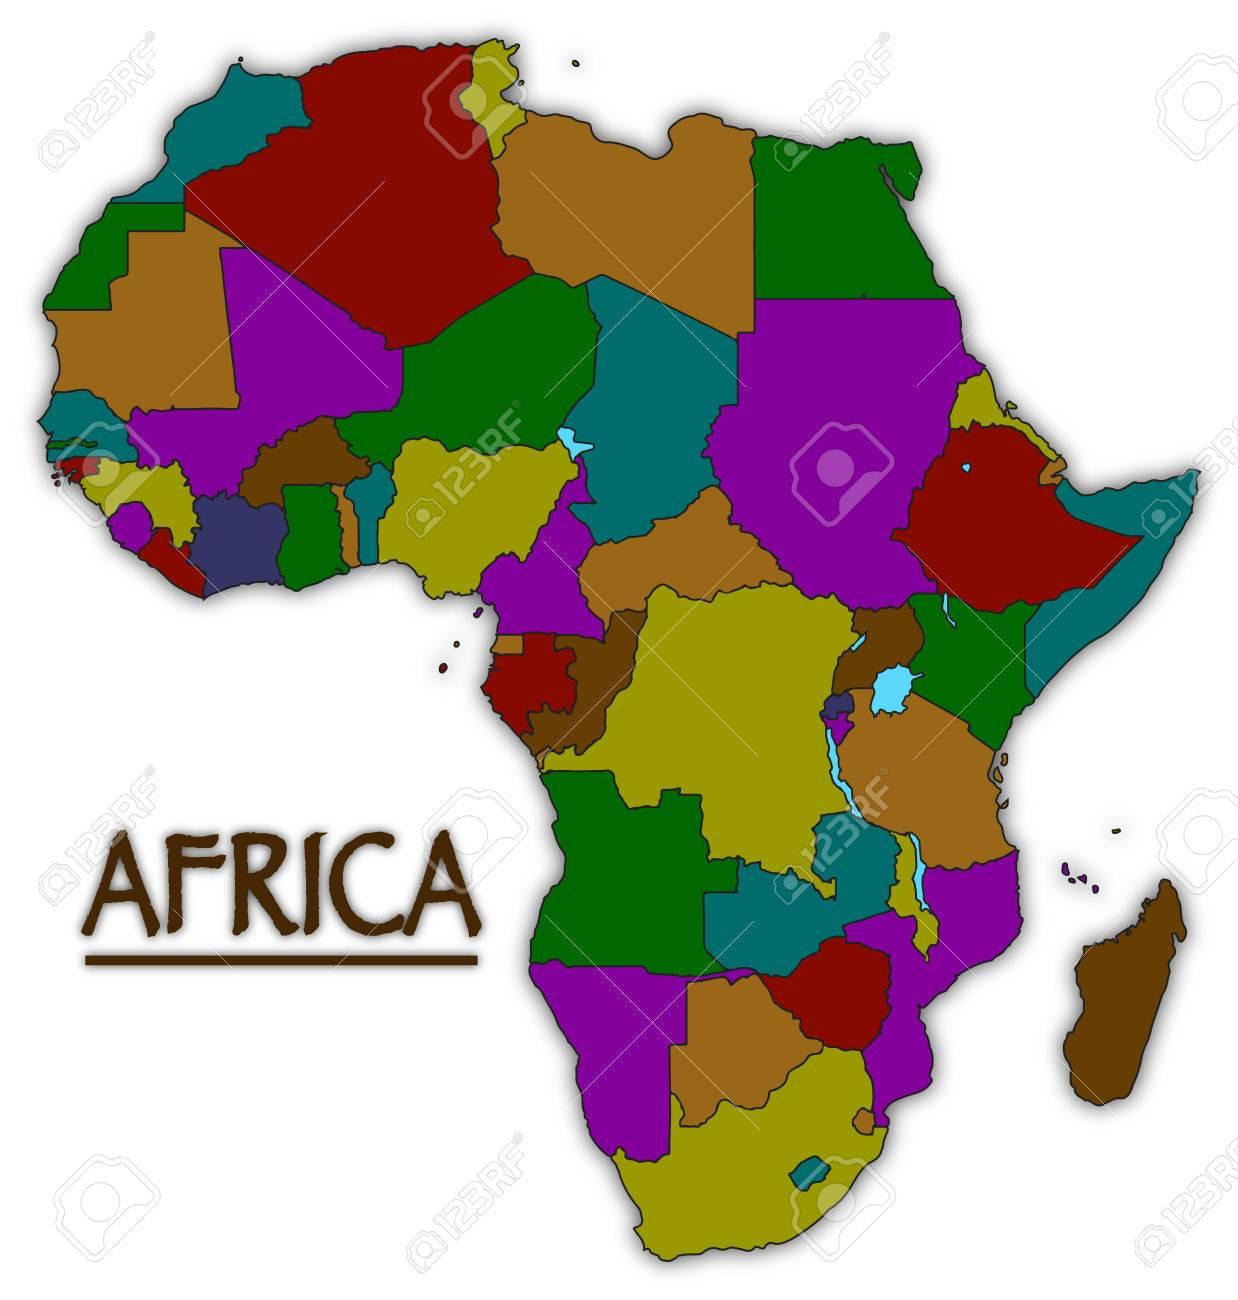 Couleur De L Afrique.Une Carte D Afrique Avec Tous Les Pays De Couleur Isole Sur Un Fond Blanc